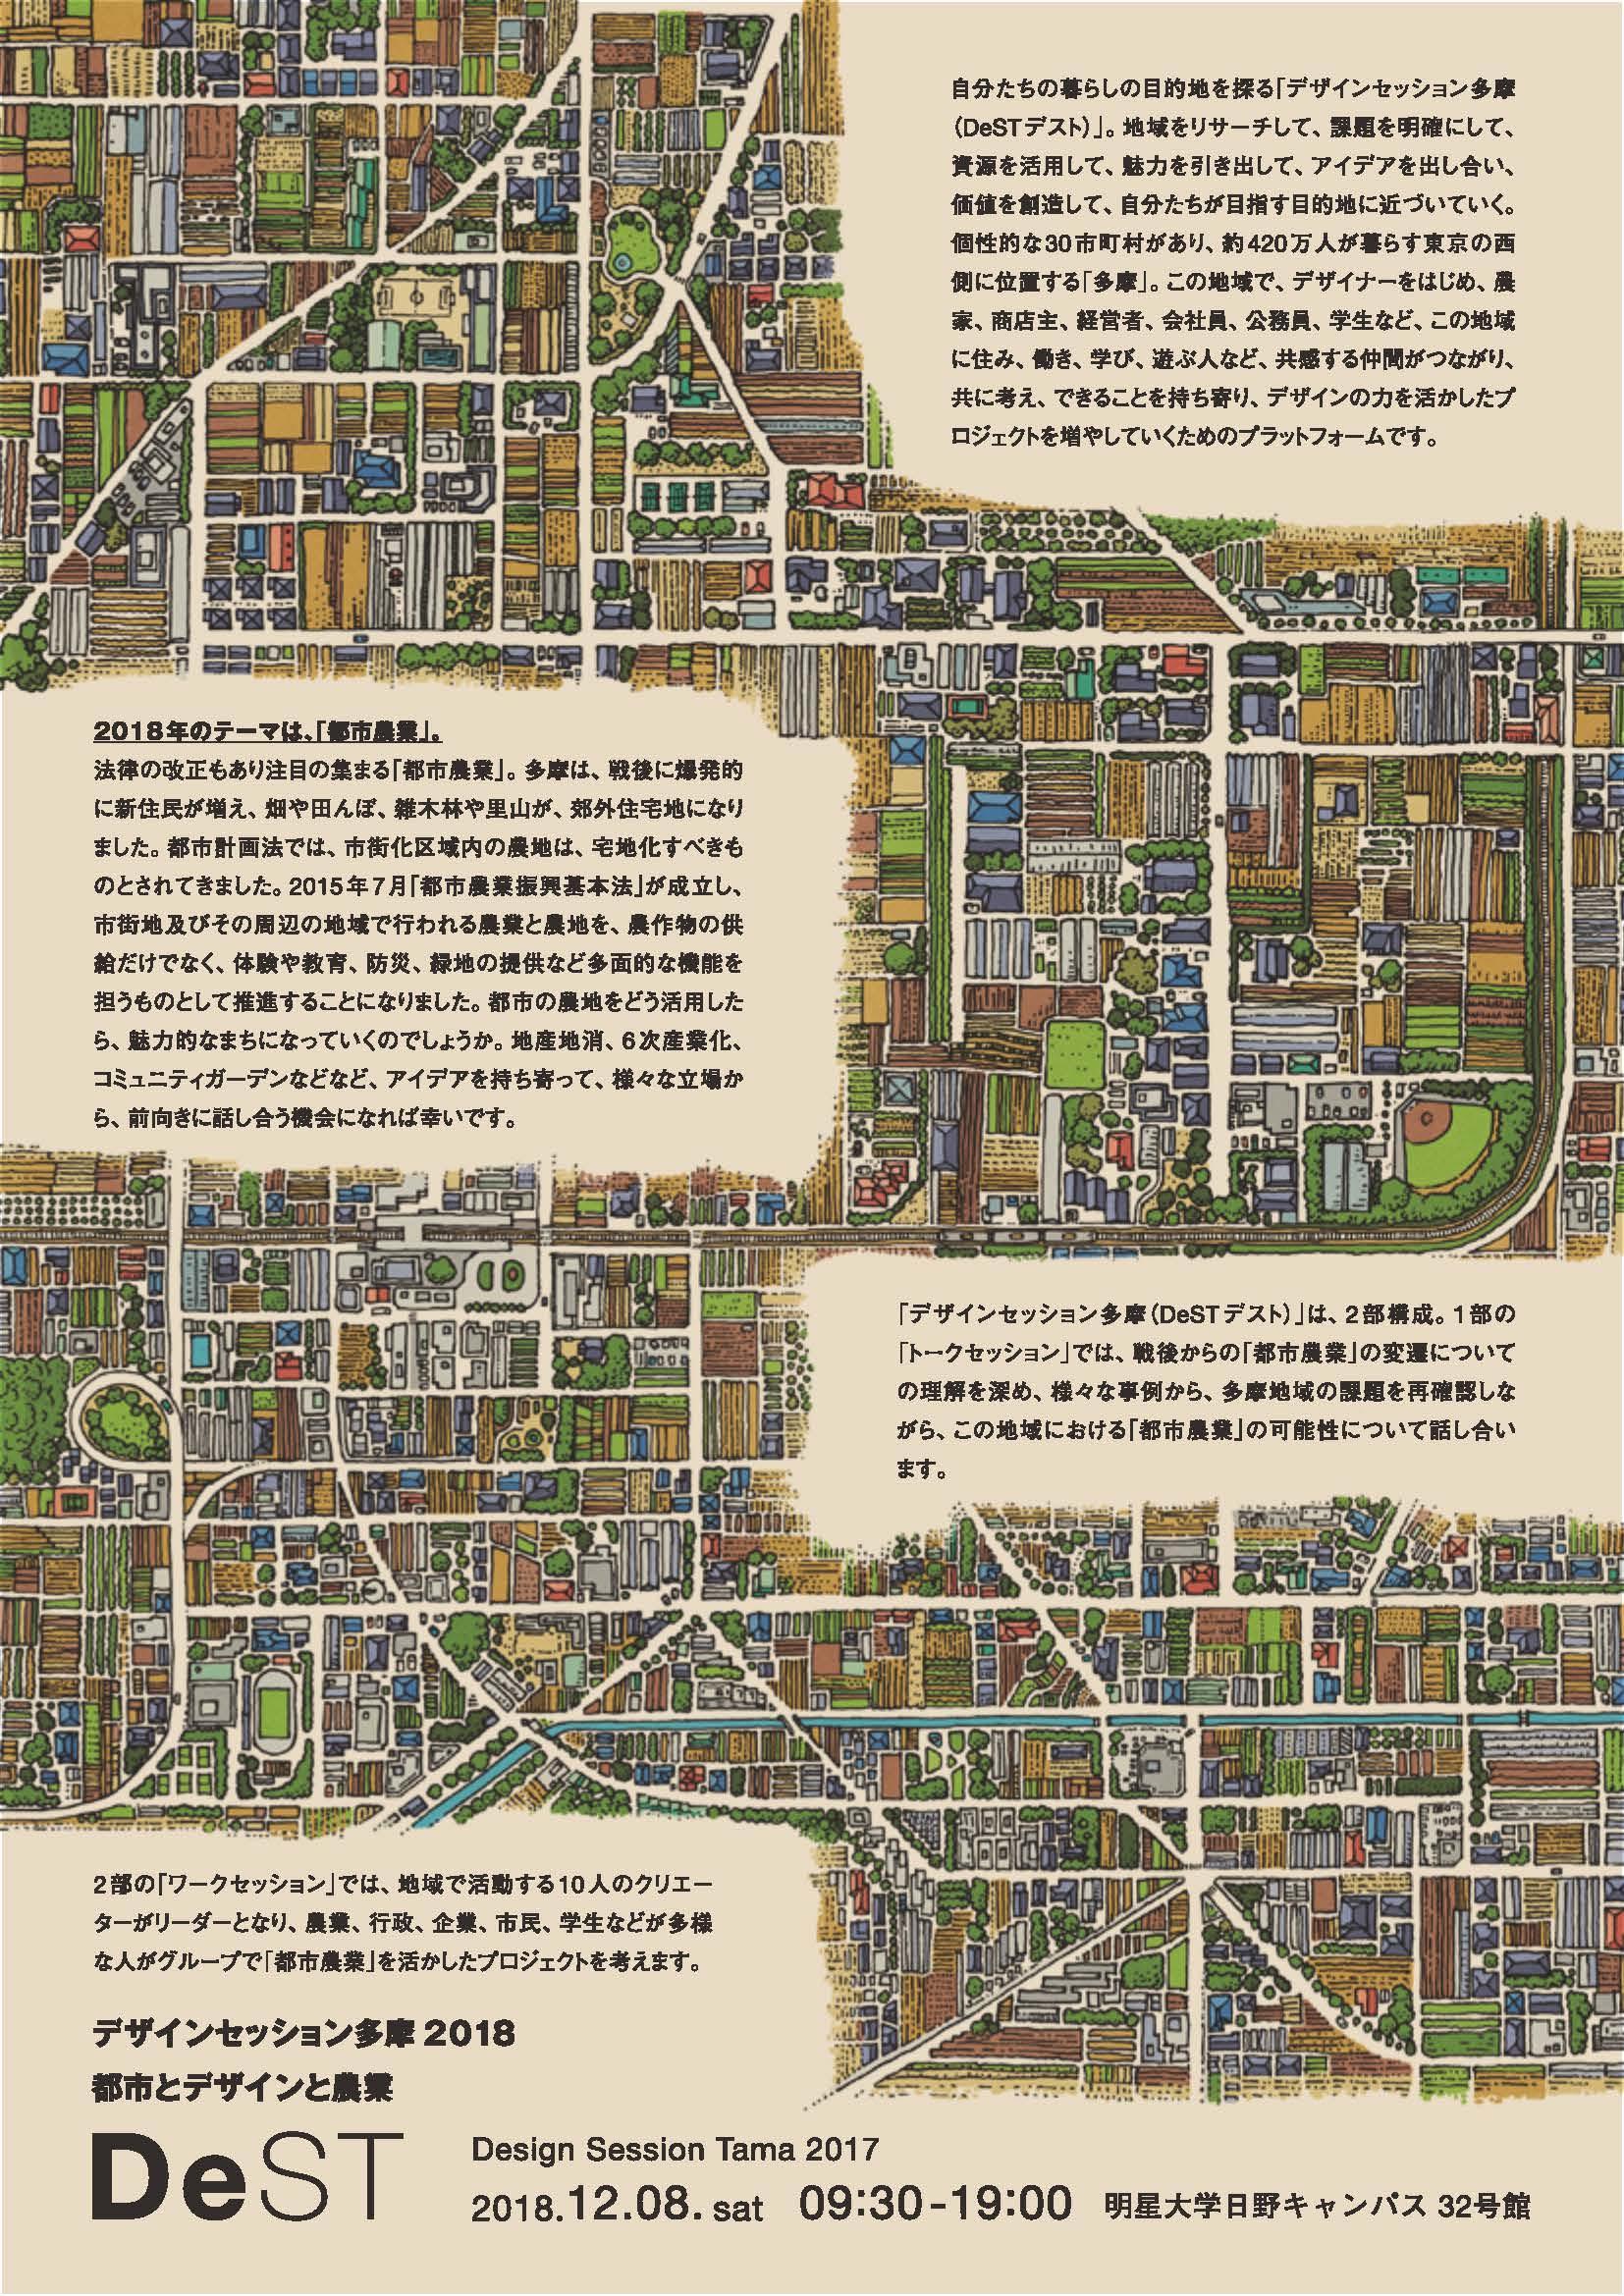 明星大学デザイン学部が「デザインセッション多摩(DeSTデスト)」を開催。~テーマは「都市とデザインと農業」。多摩地域におけるデザインの可能性を考察~